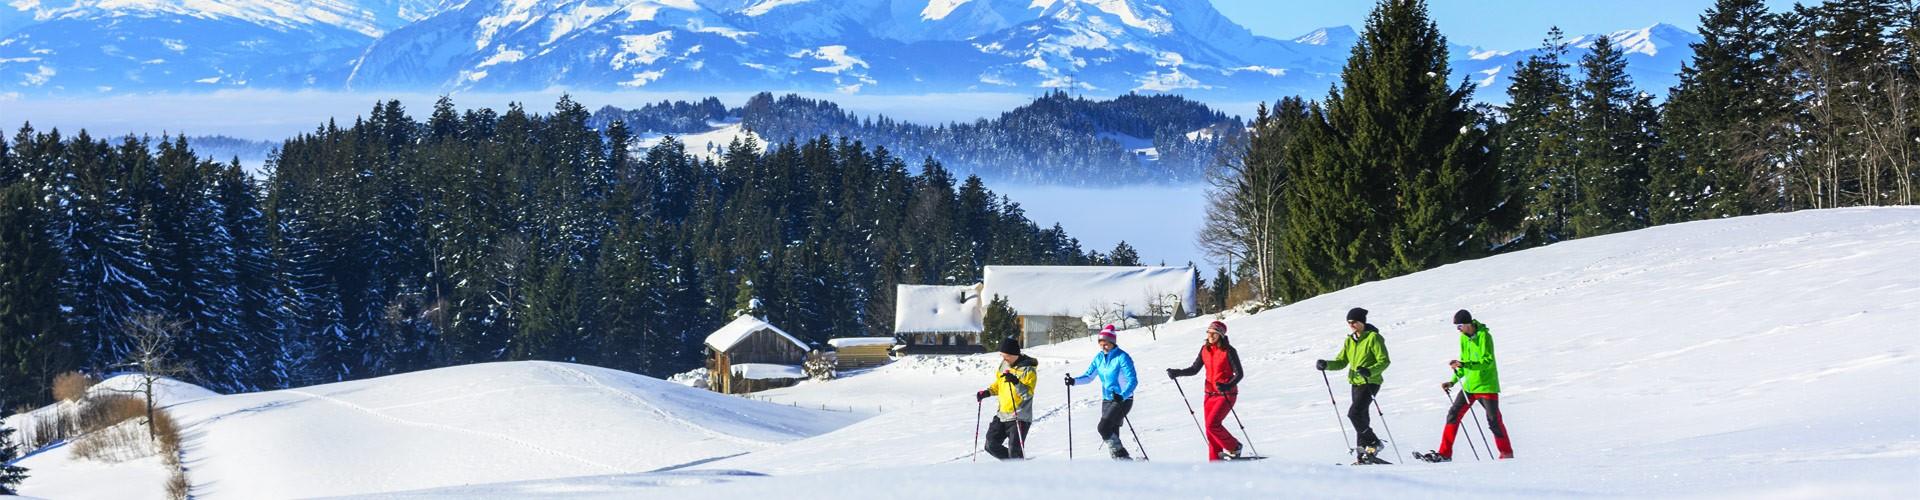 Schneeschuhwandern mit der Familie im Berchtesgadener Land